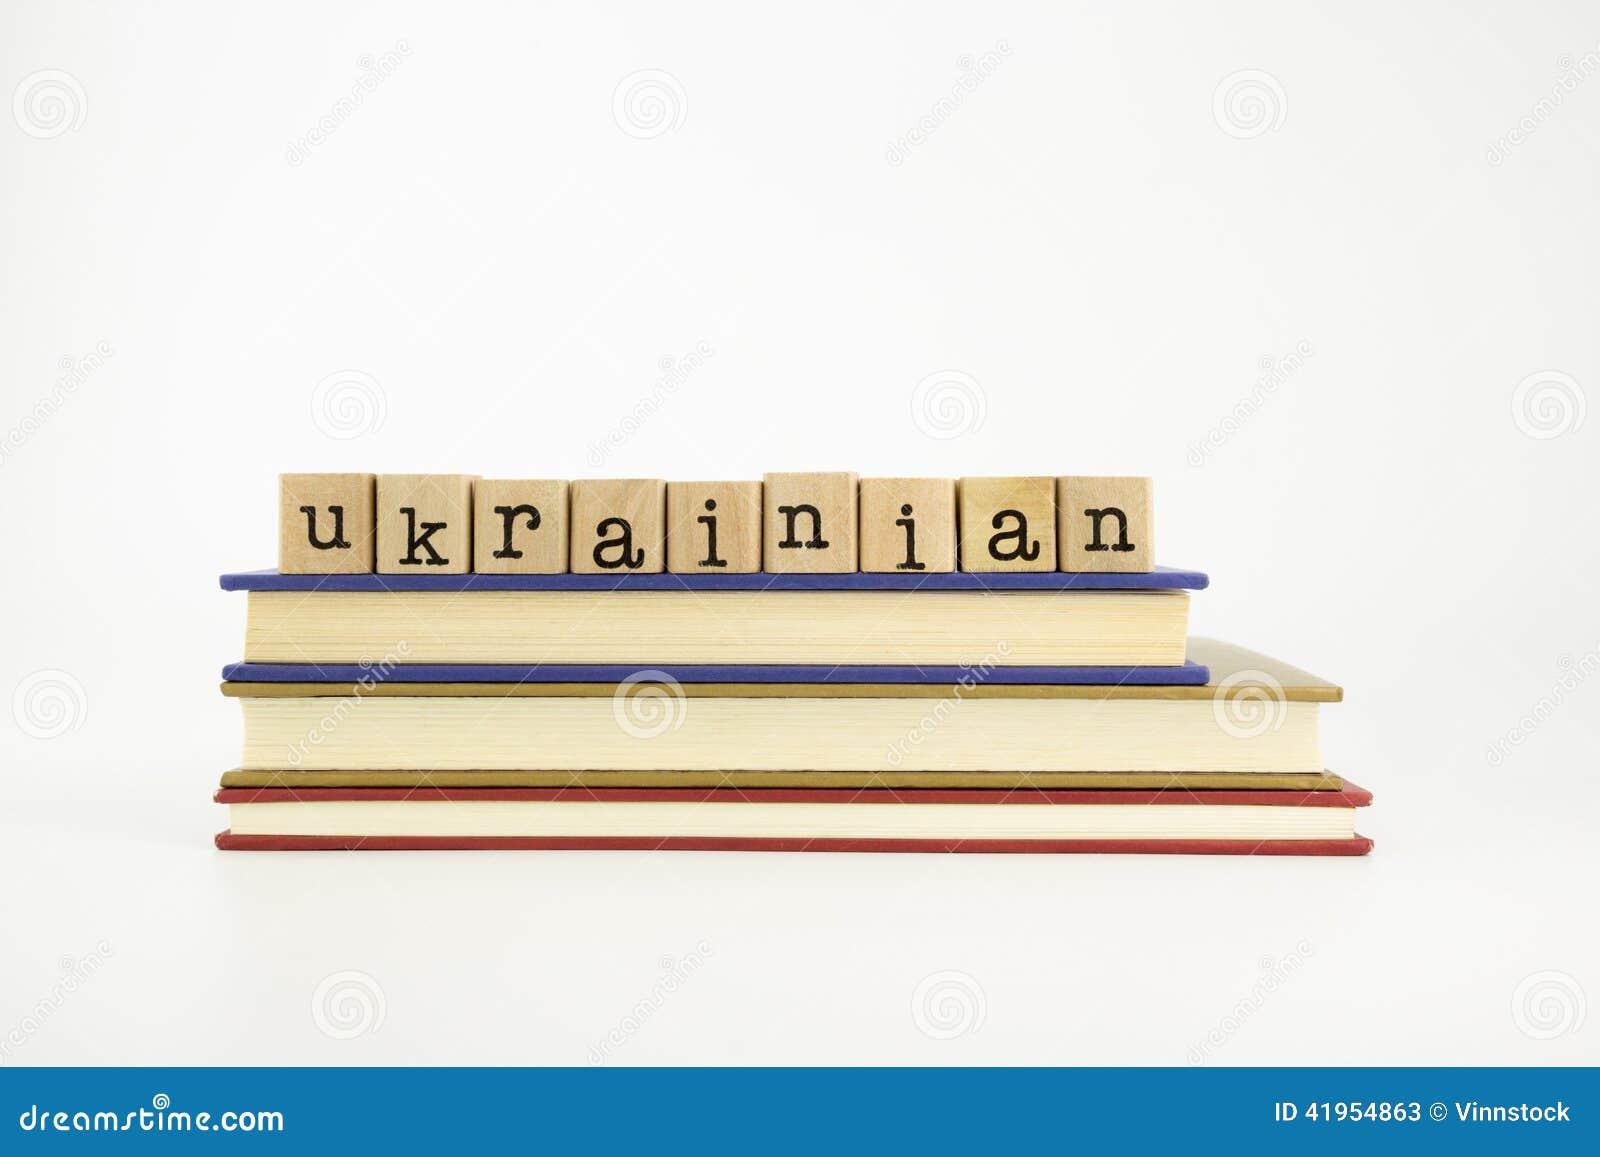 Ukraiński językowy słowo na drewnie stempluje i rezerwuje